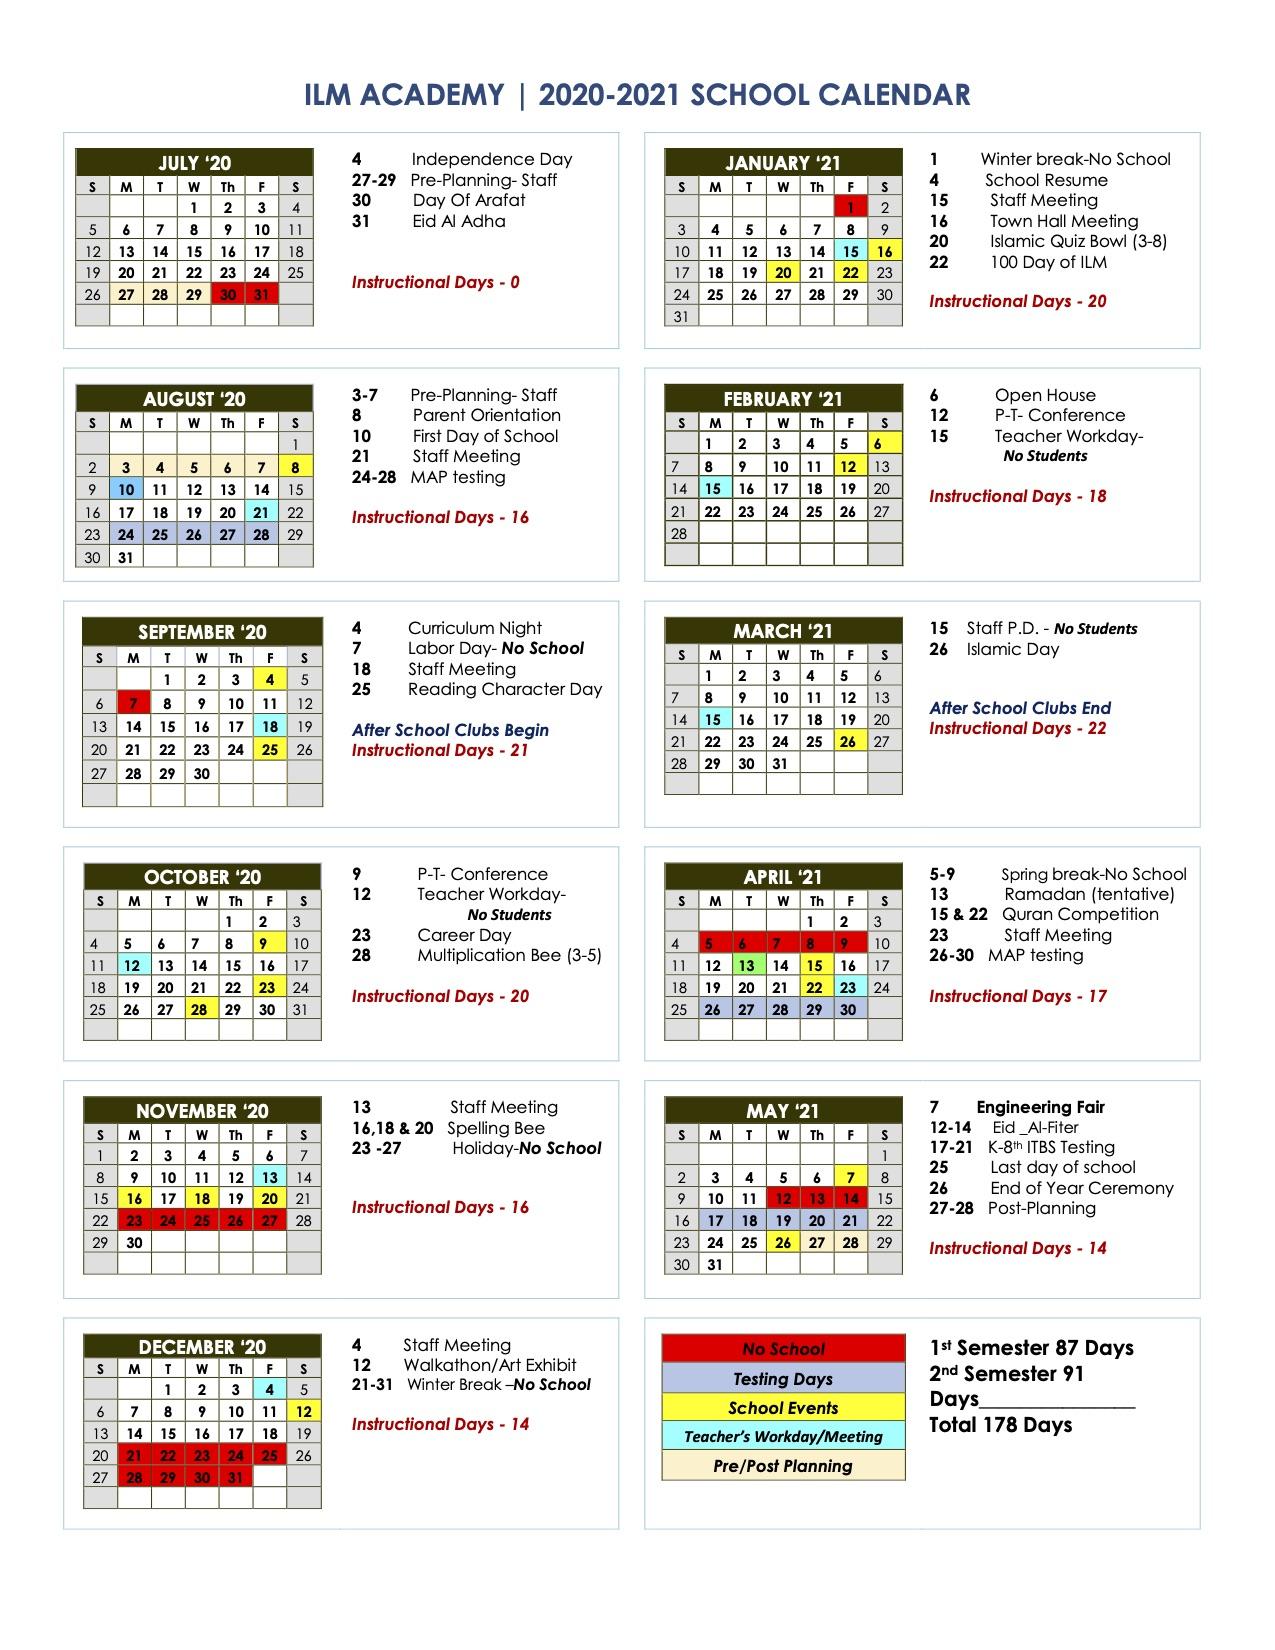 School Year Calendar - Ilm Academy Throughout Fayette County Georgia School Calendar 2021